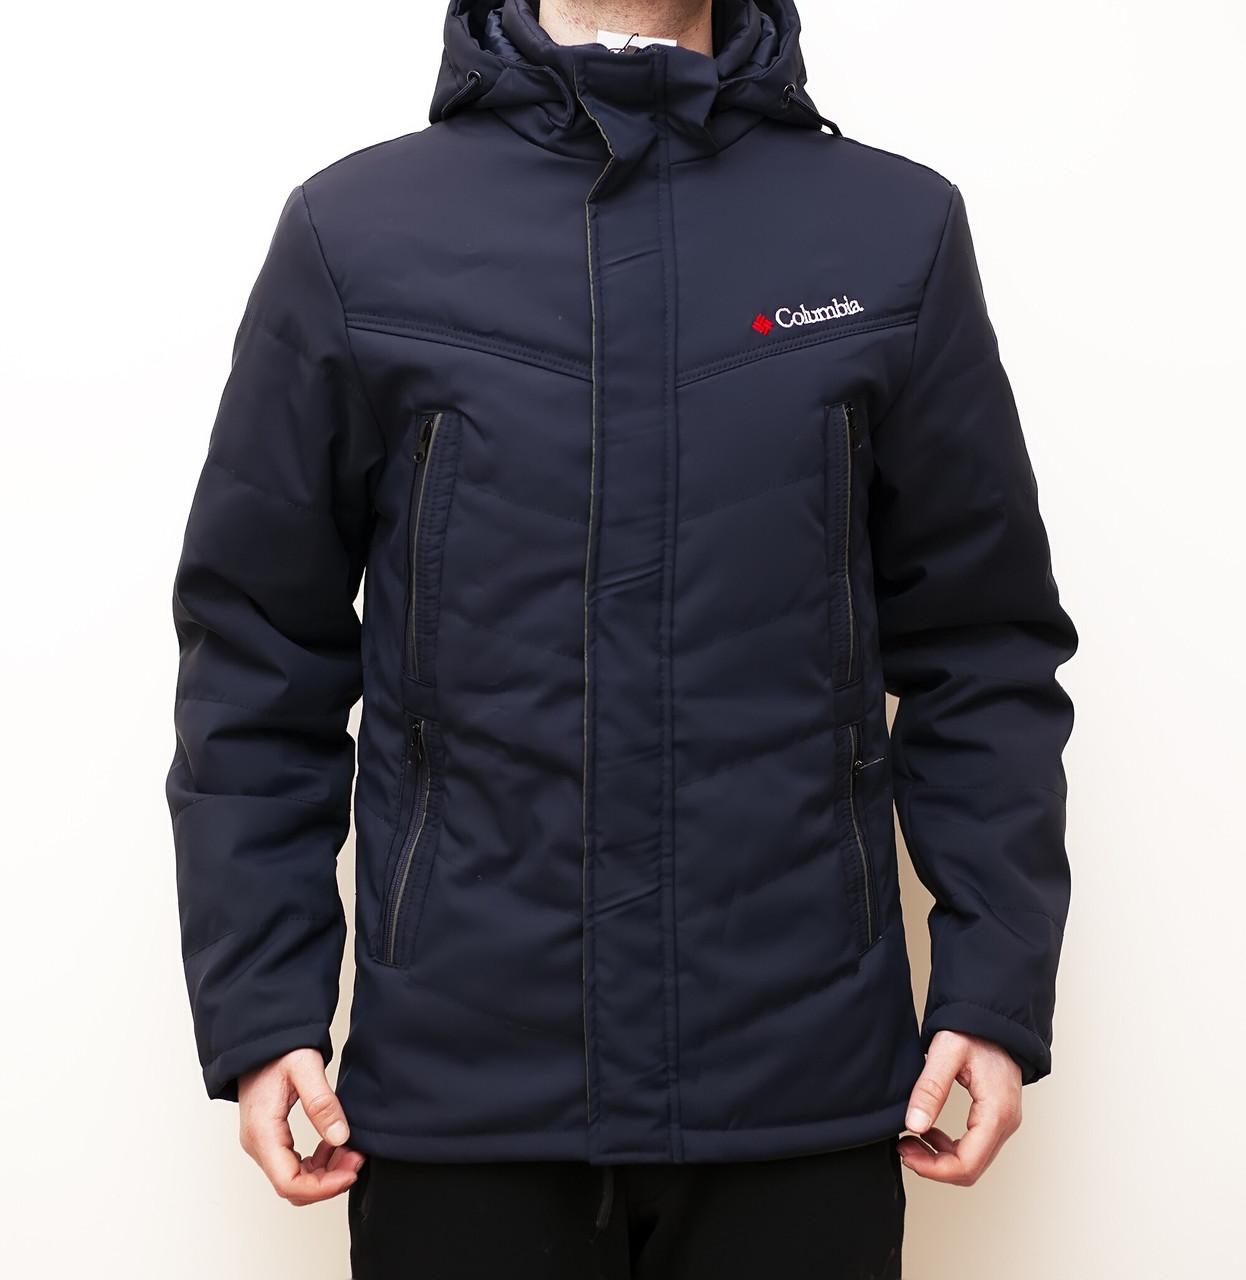 470180db Мужские демисезонные куртки Columbia 2019 - Интернет-магазин